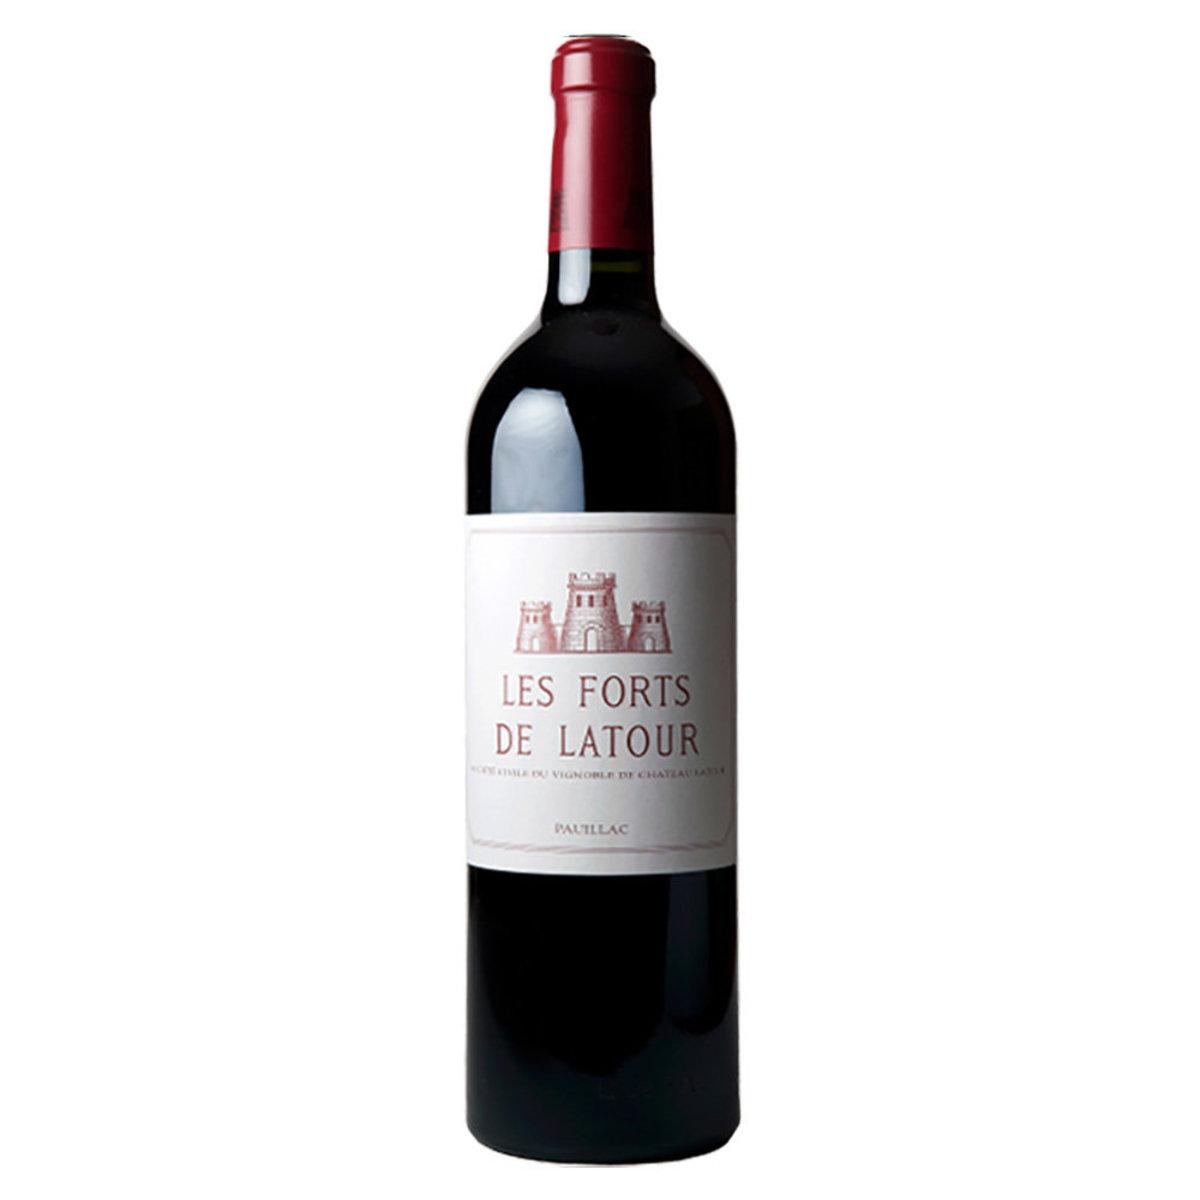 Les forts de Latour 2013【拉圖副牌】